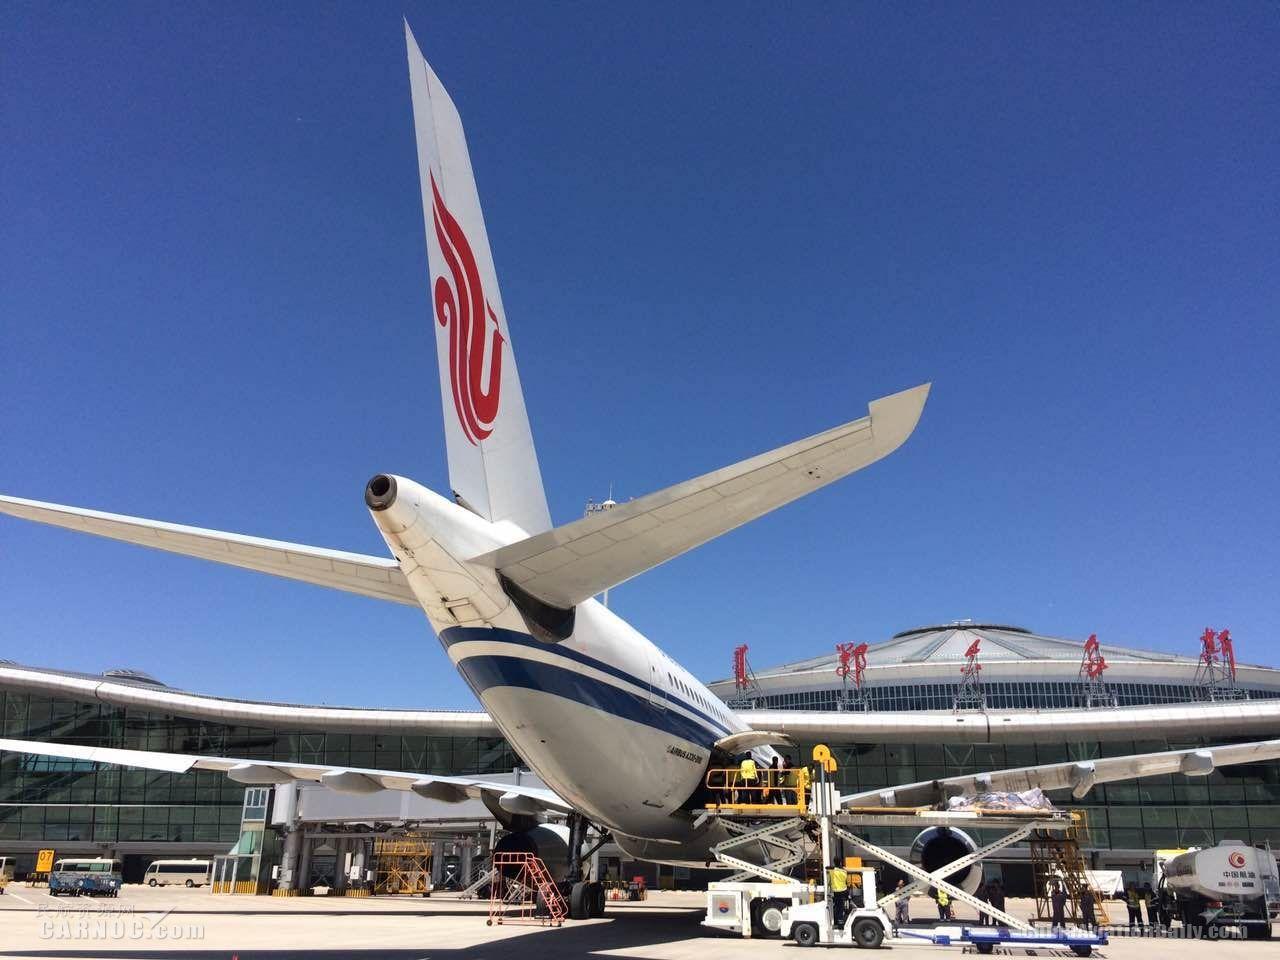 与改革同行  鄂尔多斯机场推进高质量发展纪实